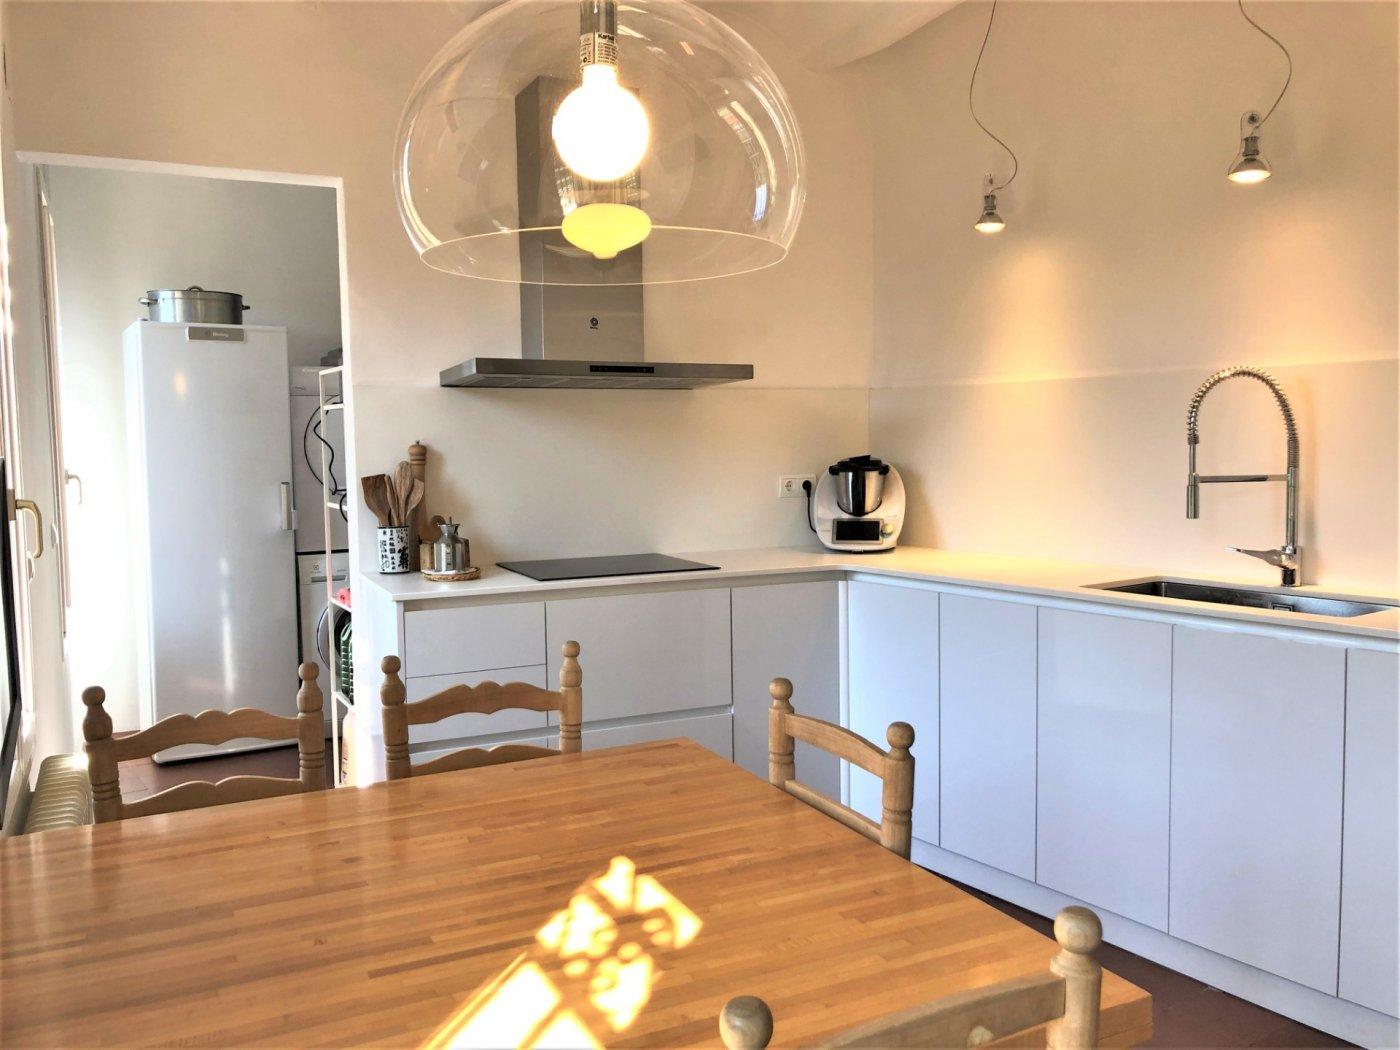 Casa en venta en montblanc - imagenInmueble20